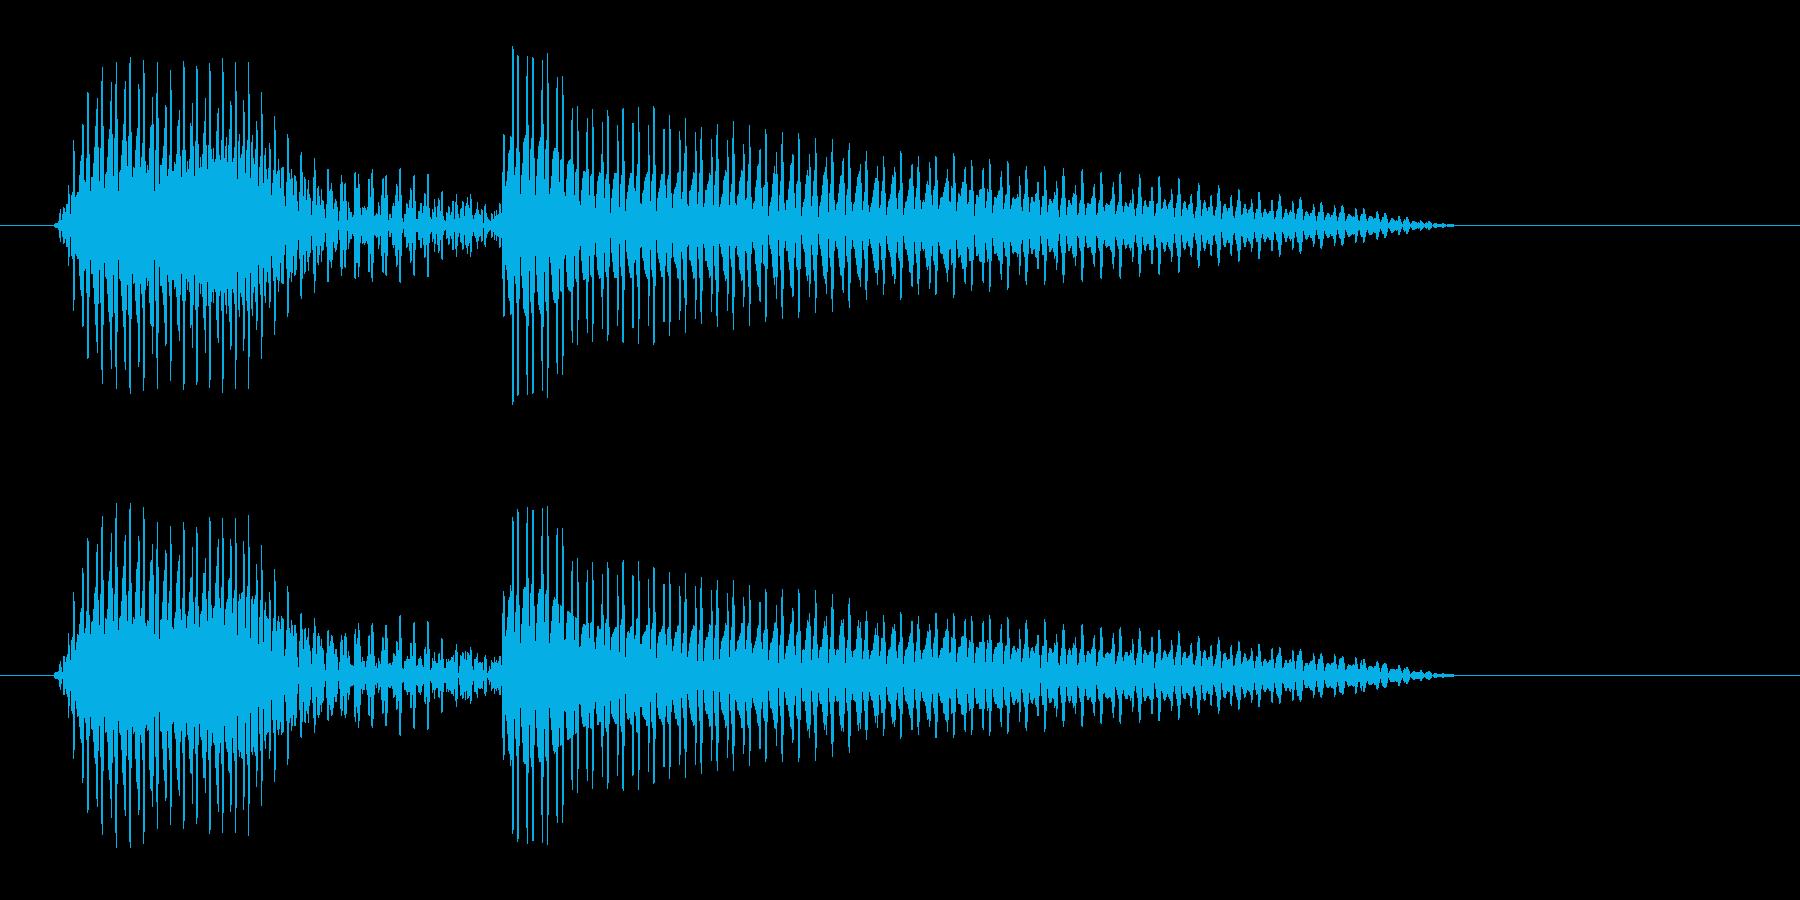 ハローという軽い挨拶の再生済みの波形